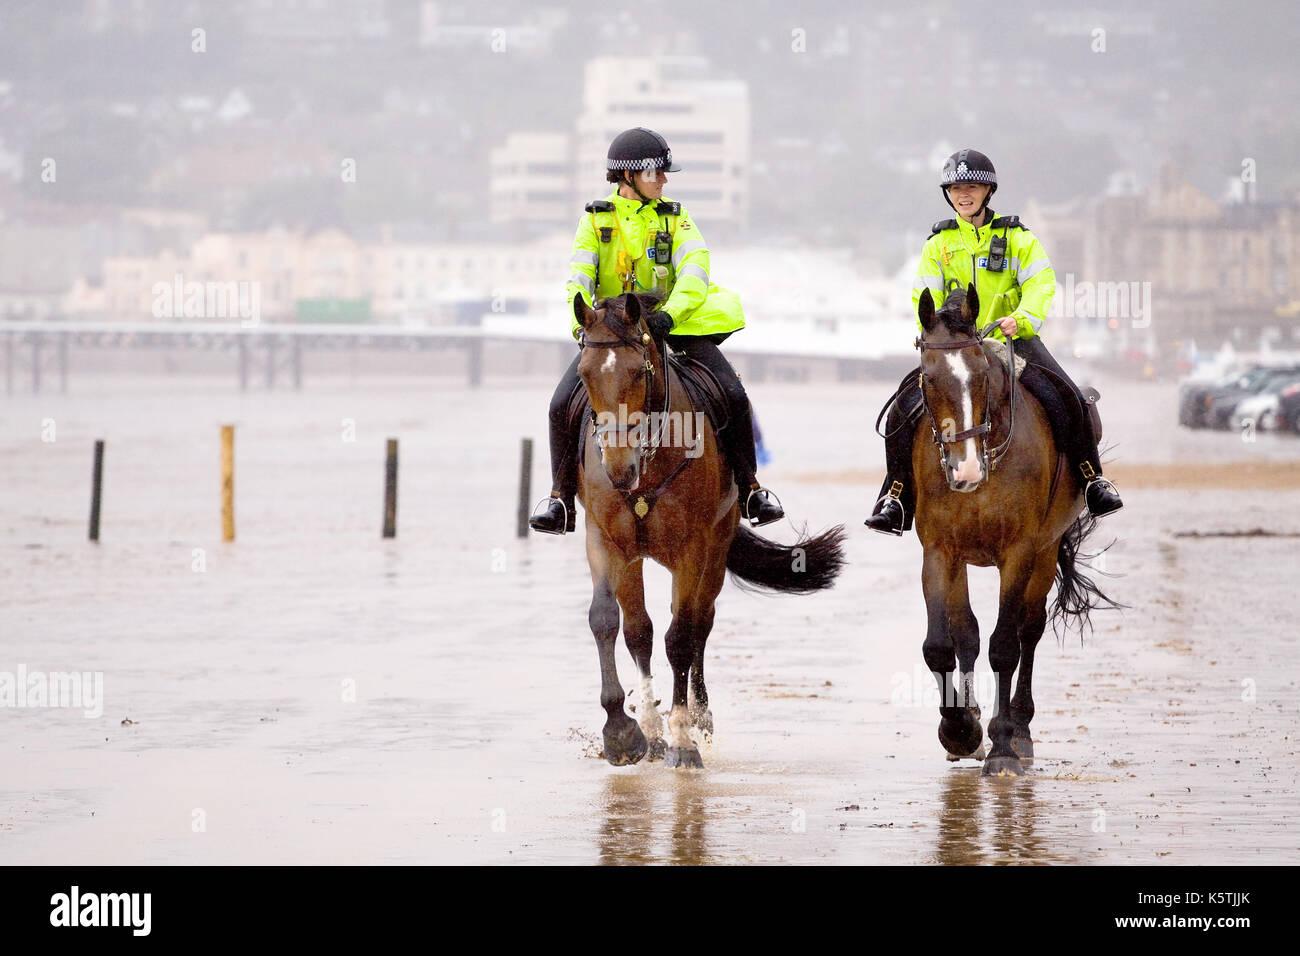 Dos mouned mujer policía, en patrulla, fluorescente y uniformes de la policía.su caballo caballos a lo largo de una playa de viento húmedo. Imagen De Stock